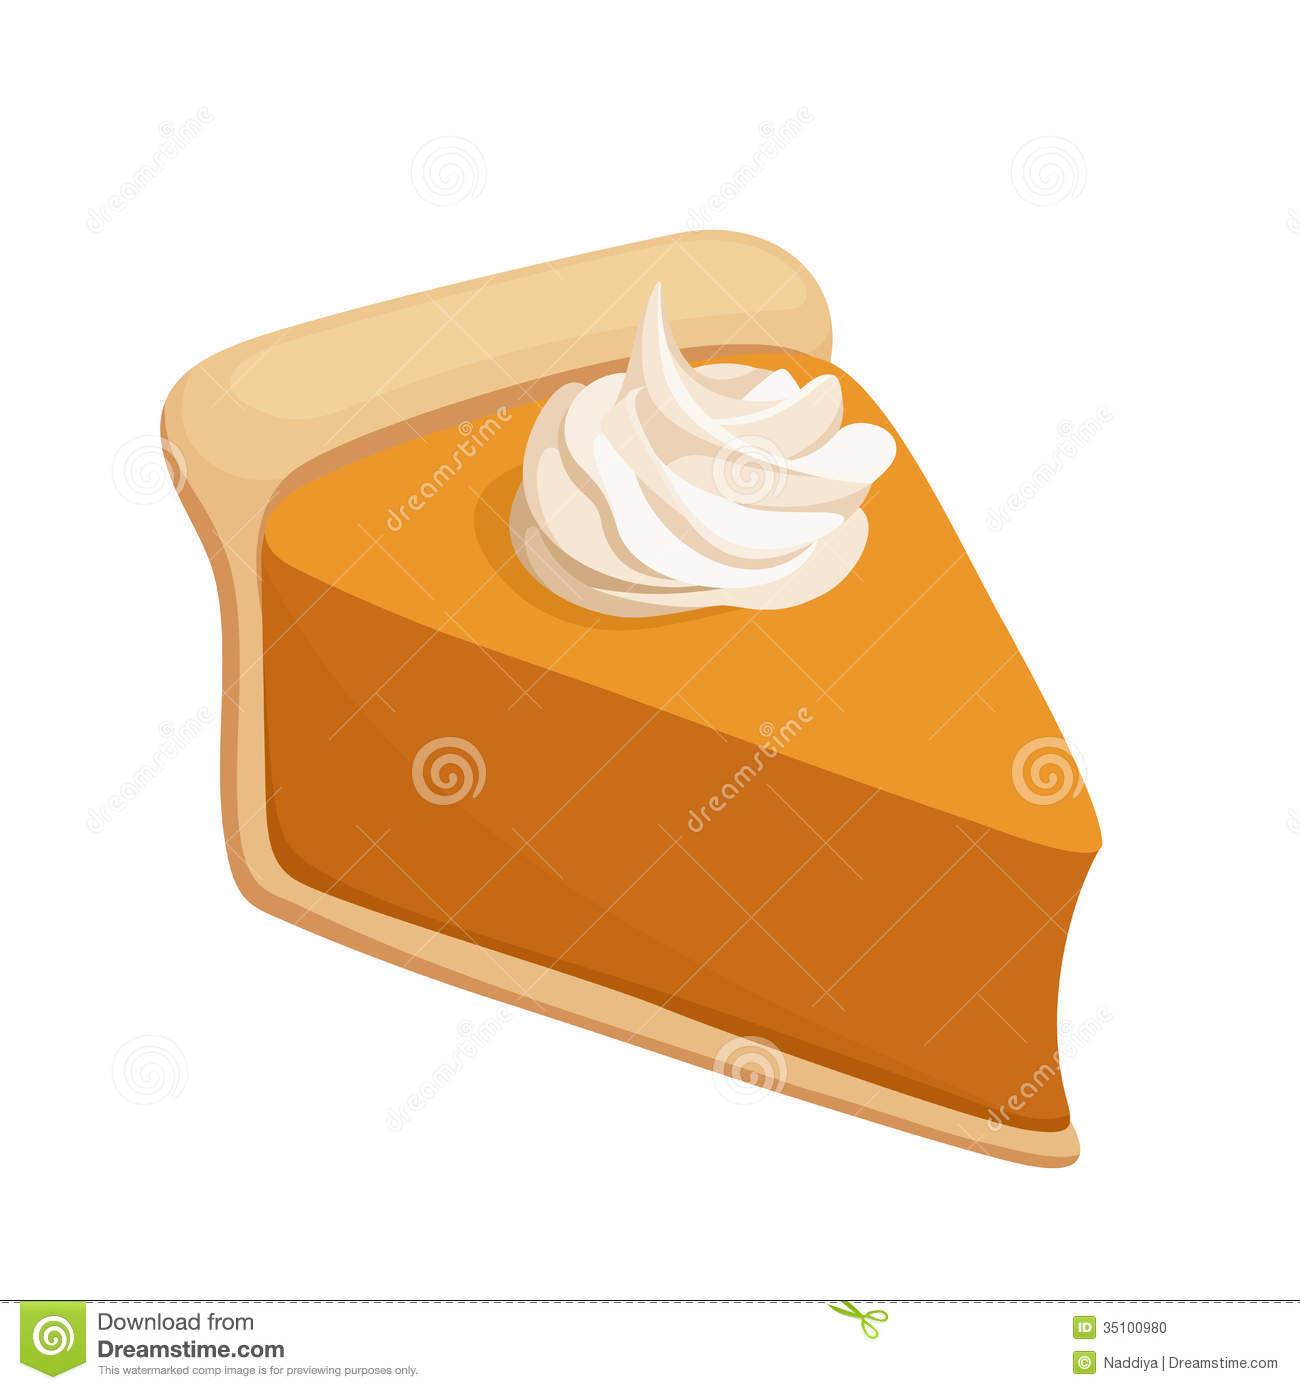 19 Pie Slice Vector Art Images.